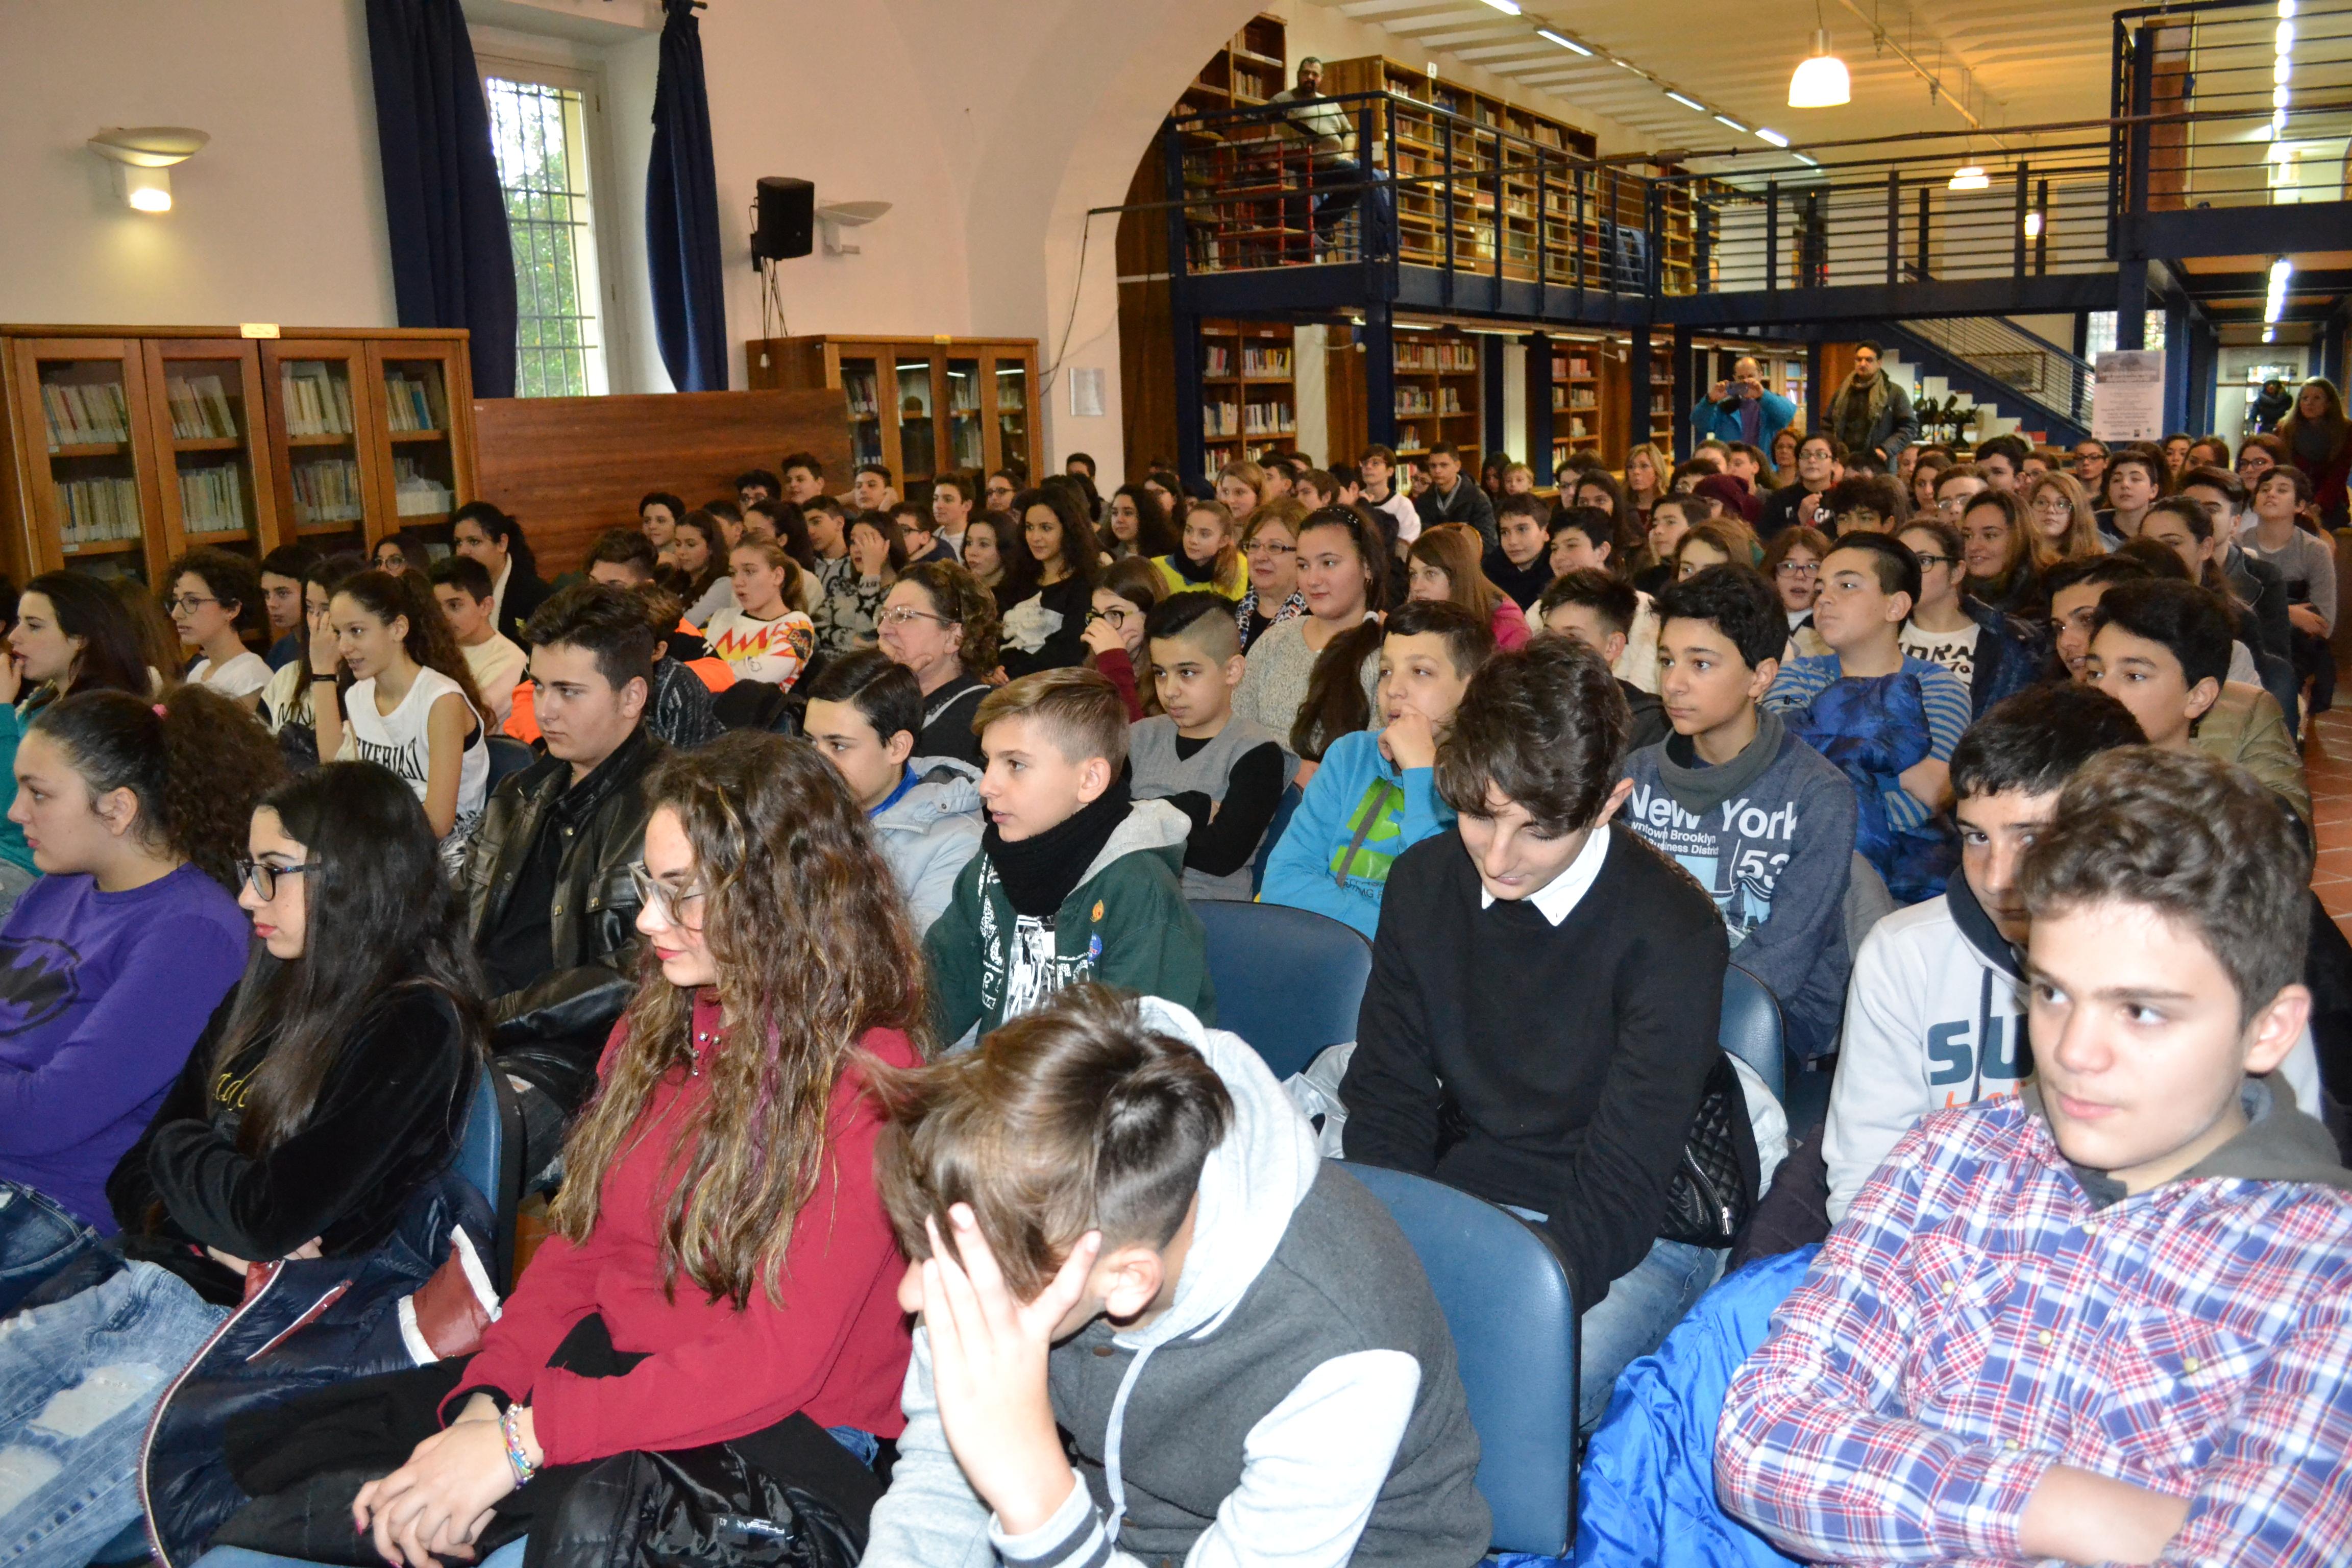 San Giorgio a Cremano. La tragedia della Shoa in scena a Villa Bruno. Presenti oltre 300 studenti